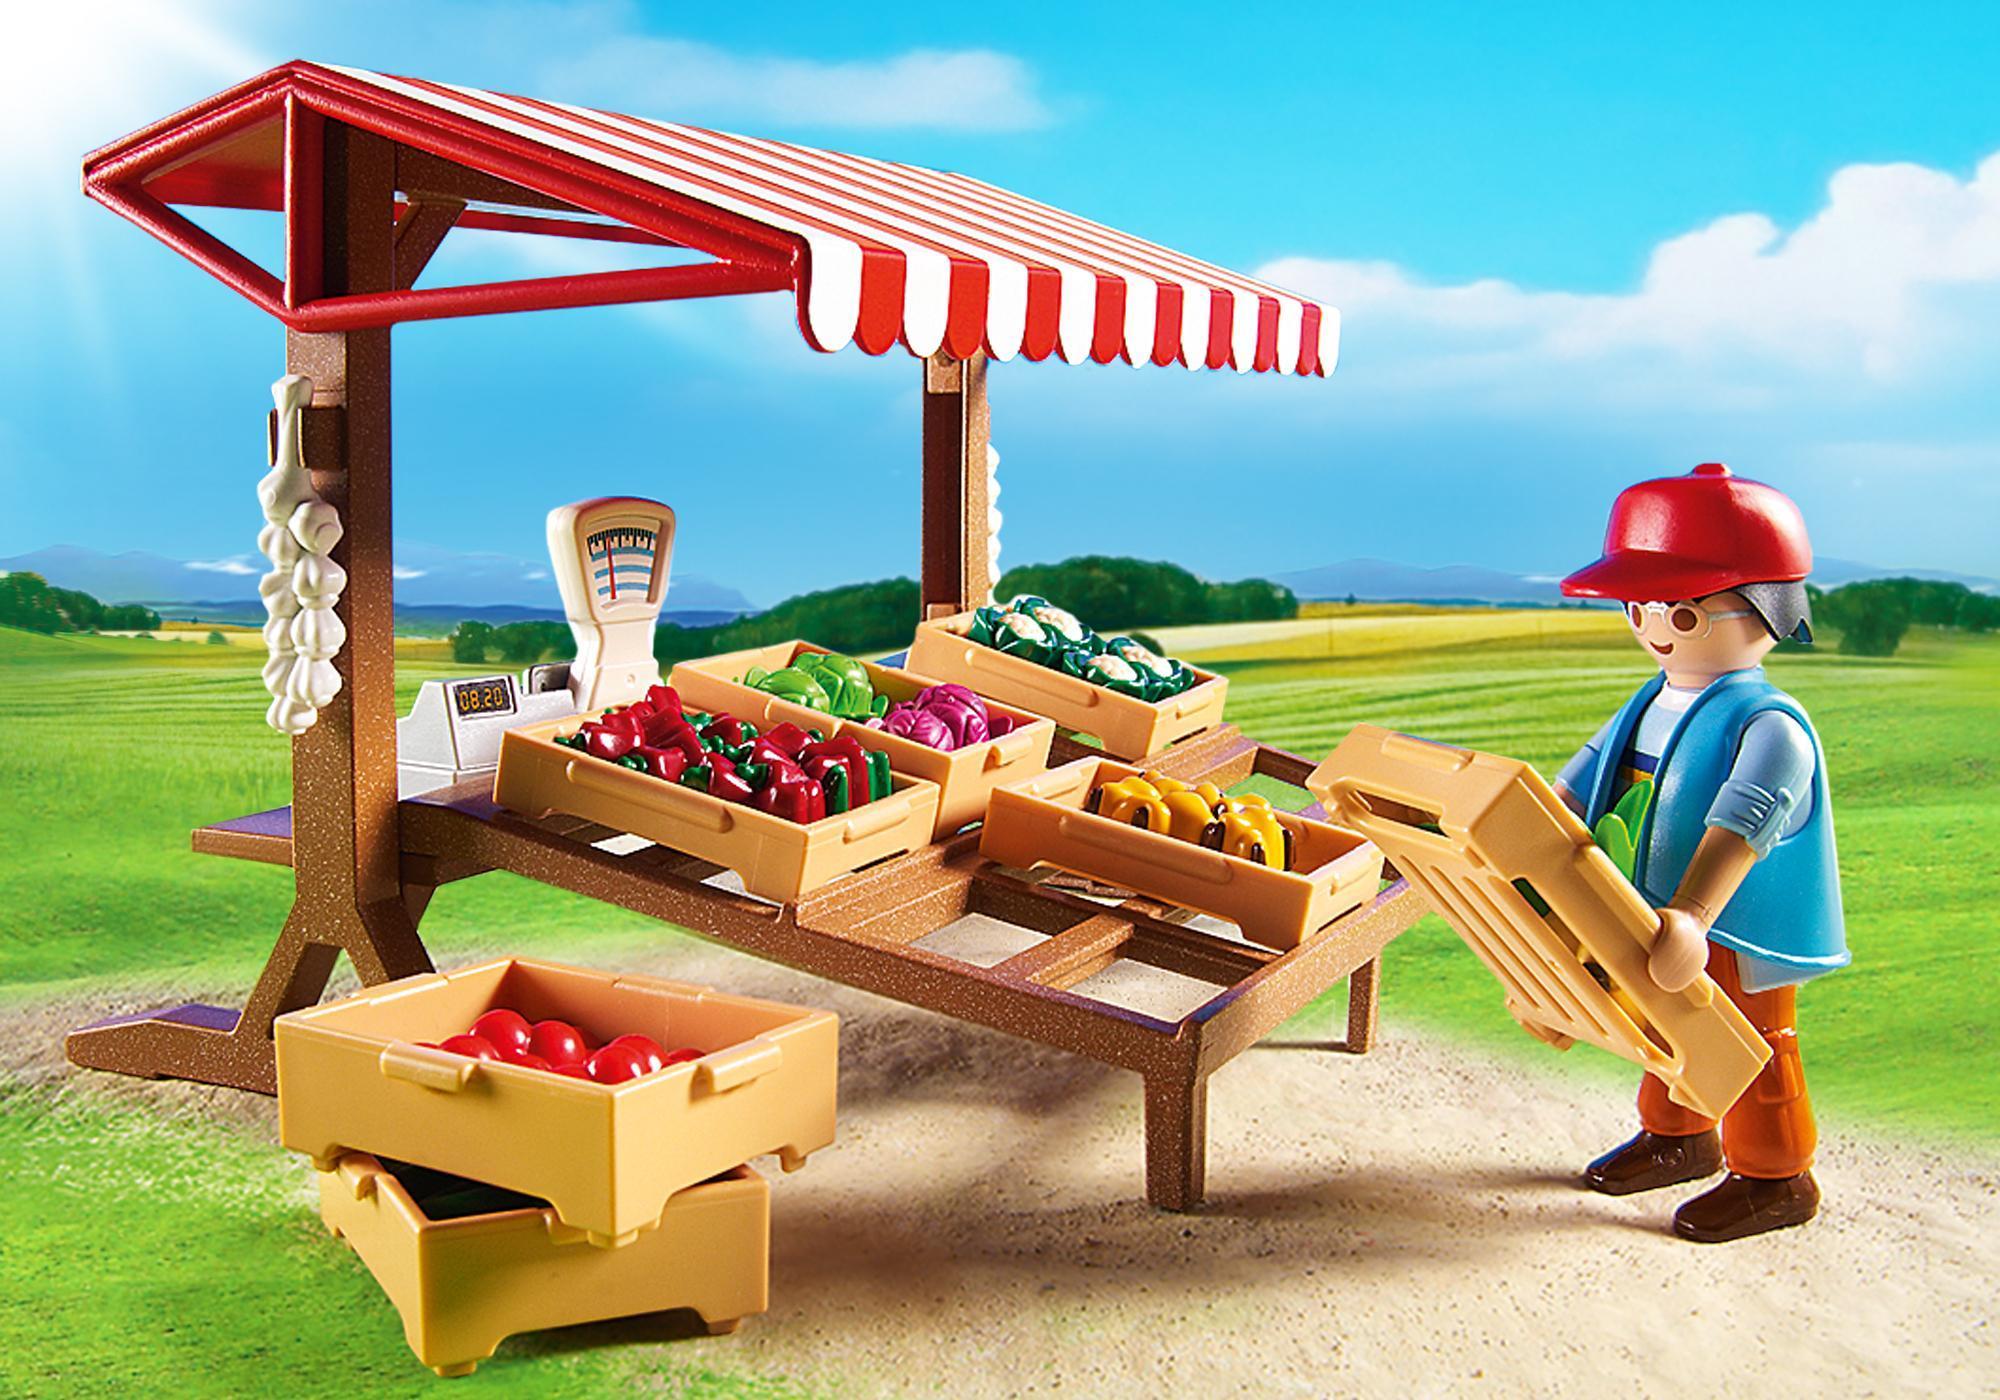 http://media.playmobil.com/i/playmobil/6121_product_extra2/Mercado